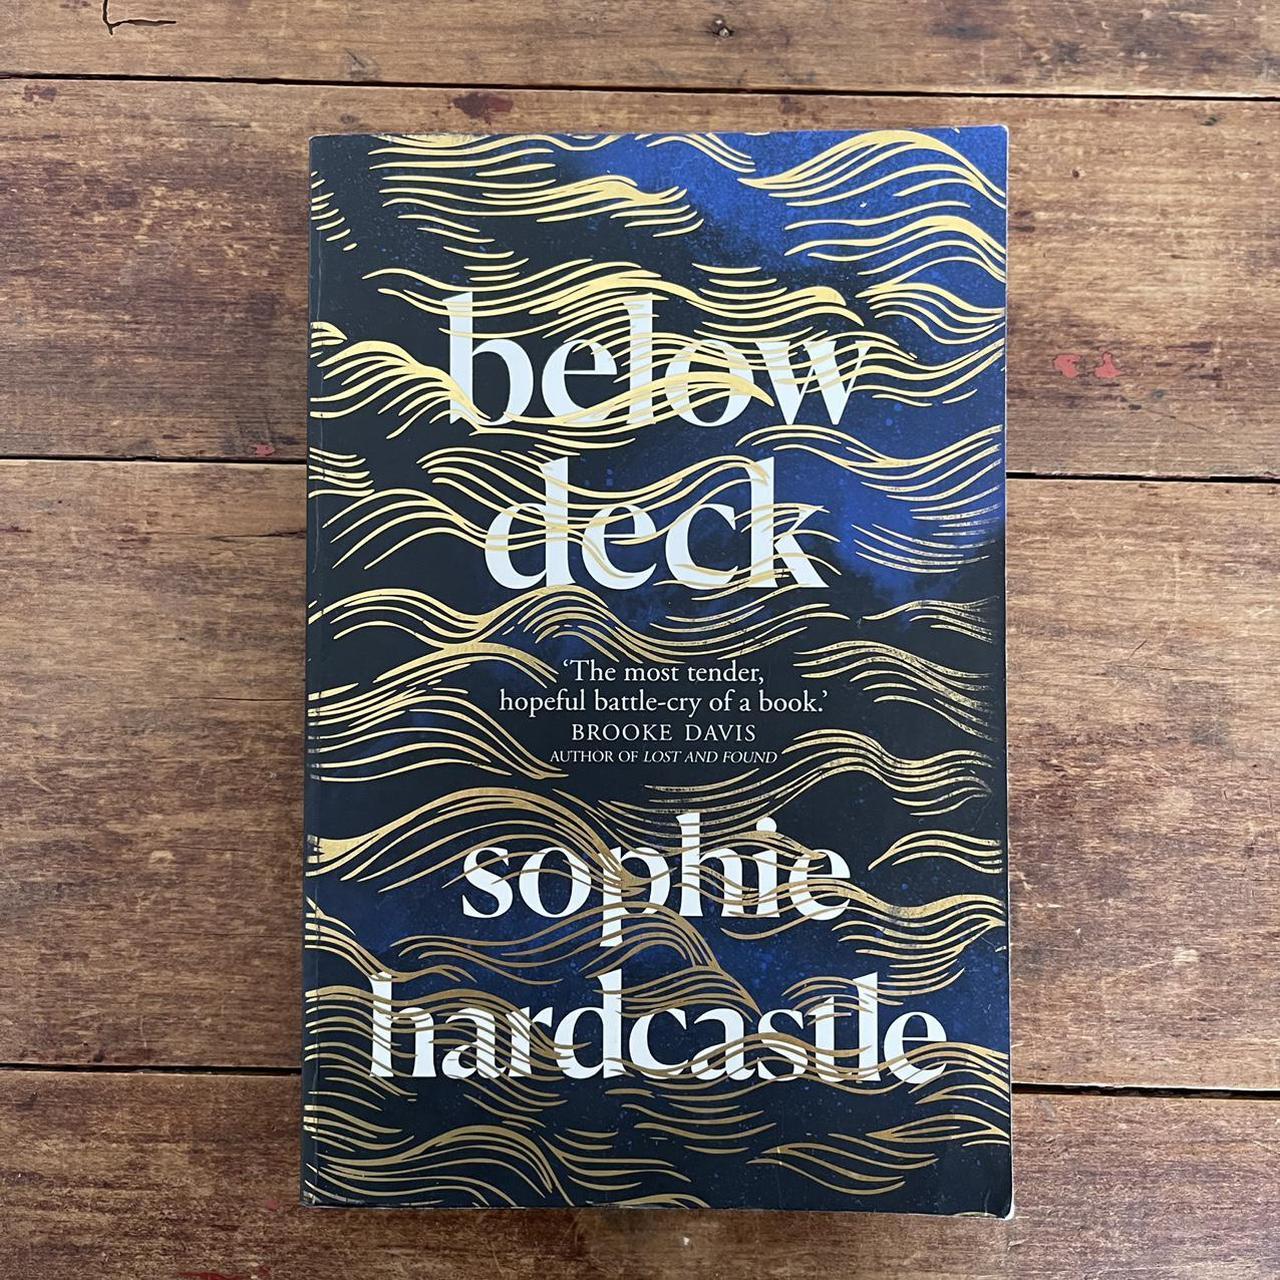 Product Image 1 - BELOW DECK Sophie Hardcastle Fiction